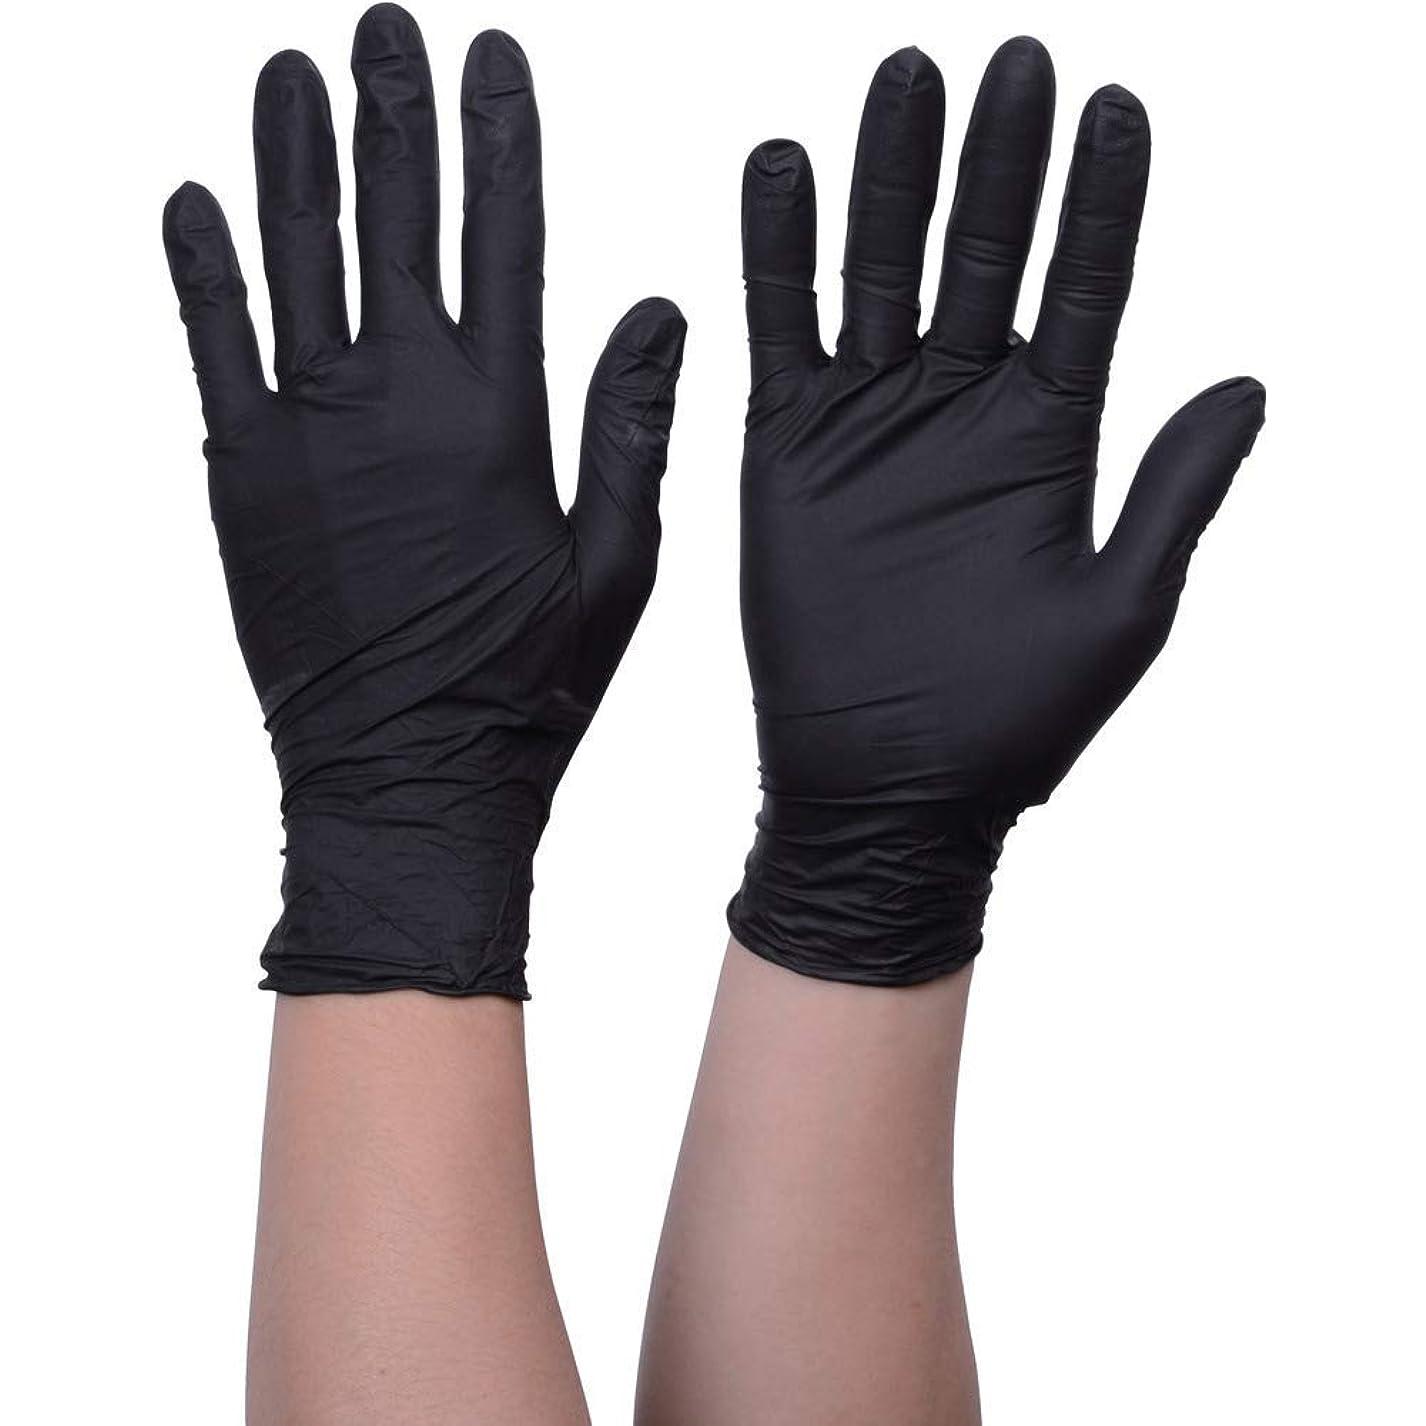 貸すカウント食事を調理するニトリル手袋 使い捨て手袋防水耐油耐久性が強い上に軽く高品質ブラック100枚入